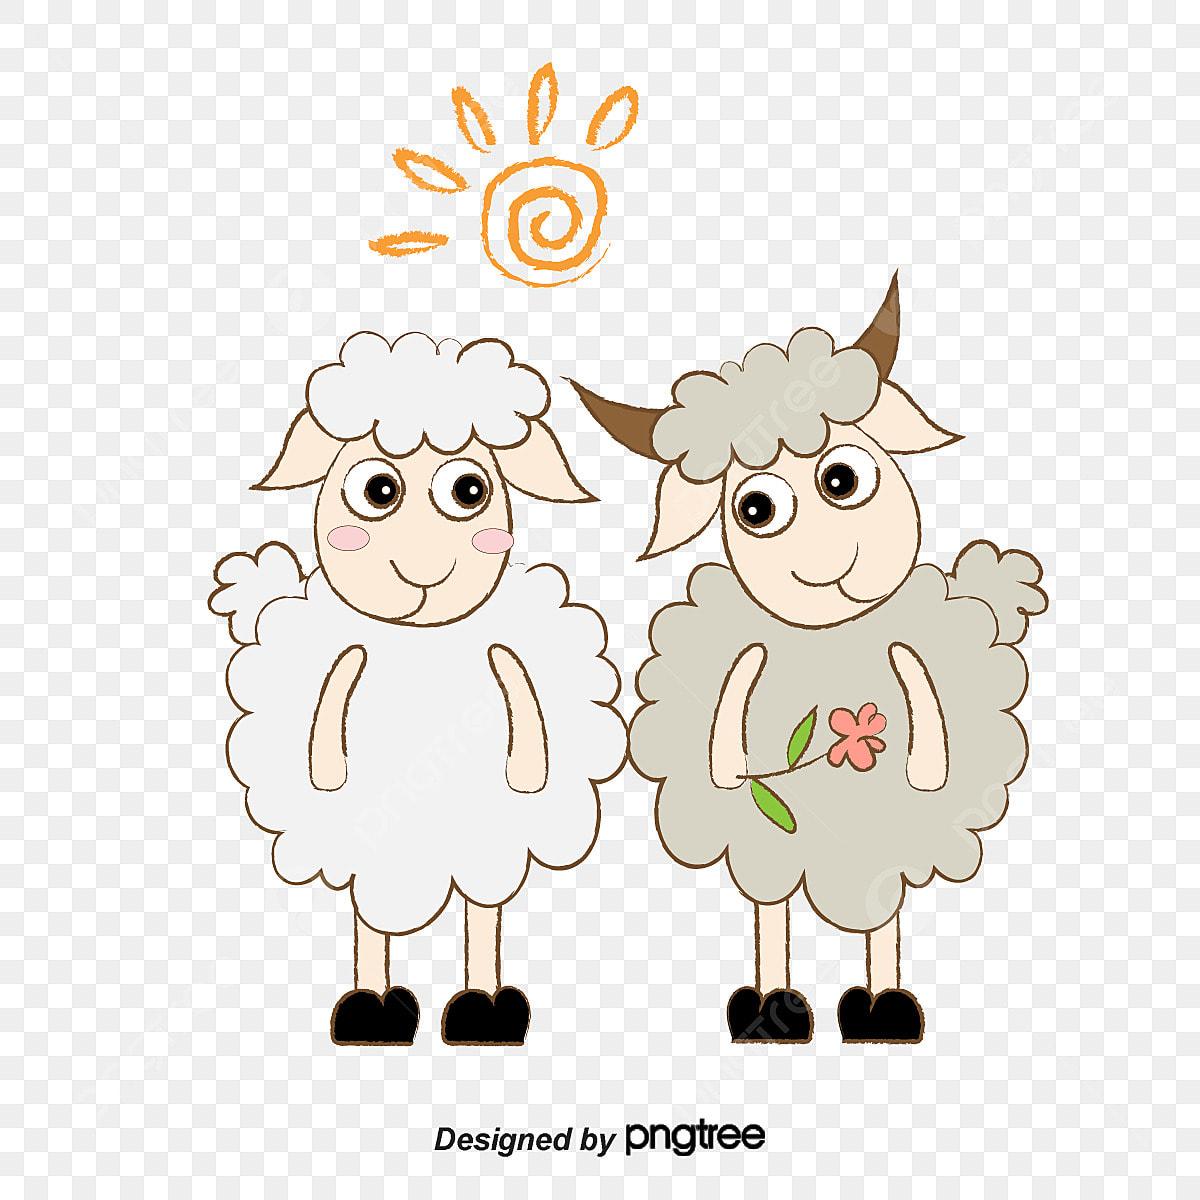 خروف الكرتون عيد الاضحى كرتون خروف صغير شمس Png والمتجهات للتحميل مجانا